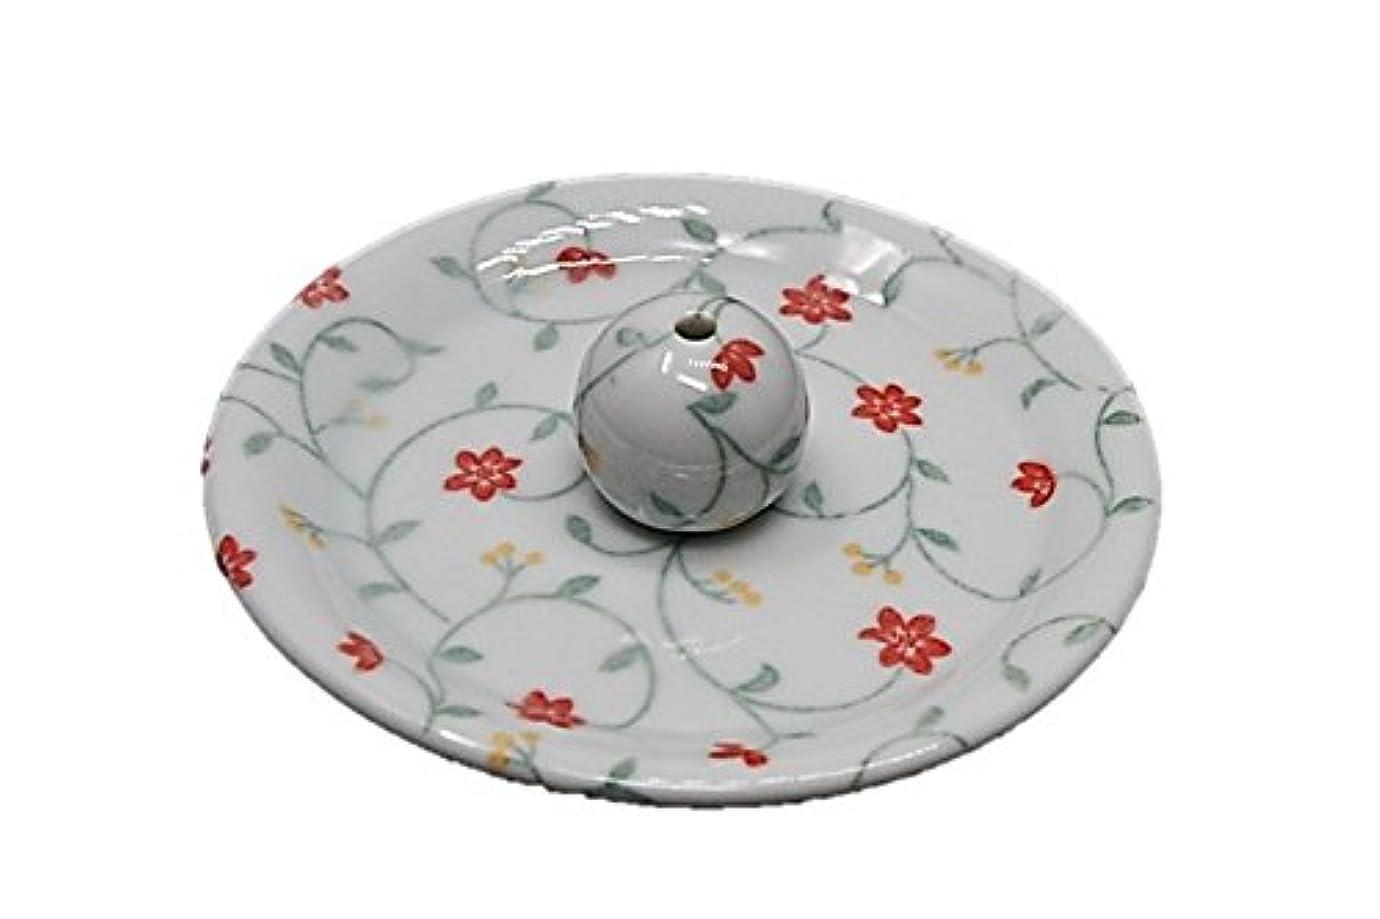 合理化もの辛い9-33 玉手箱 9cm香皿 お香立て お香たて 陶器 日本製 製造?直売品